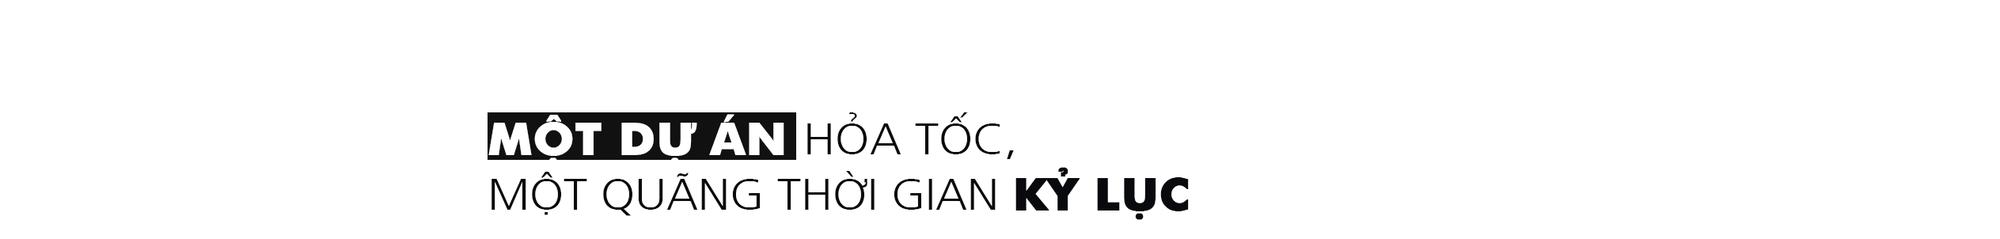 [eMagazine] Câu chuyện VinFast - Kỳ tích ngành ô tô Việt  - Ảnh 4.